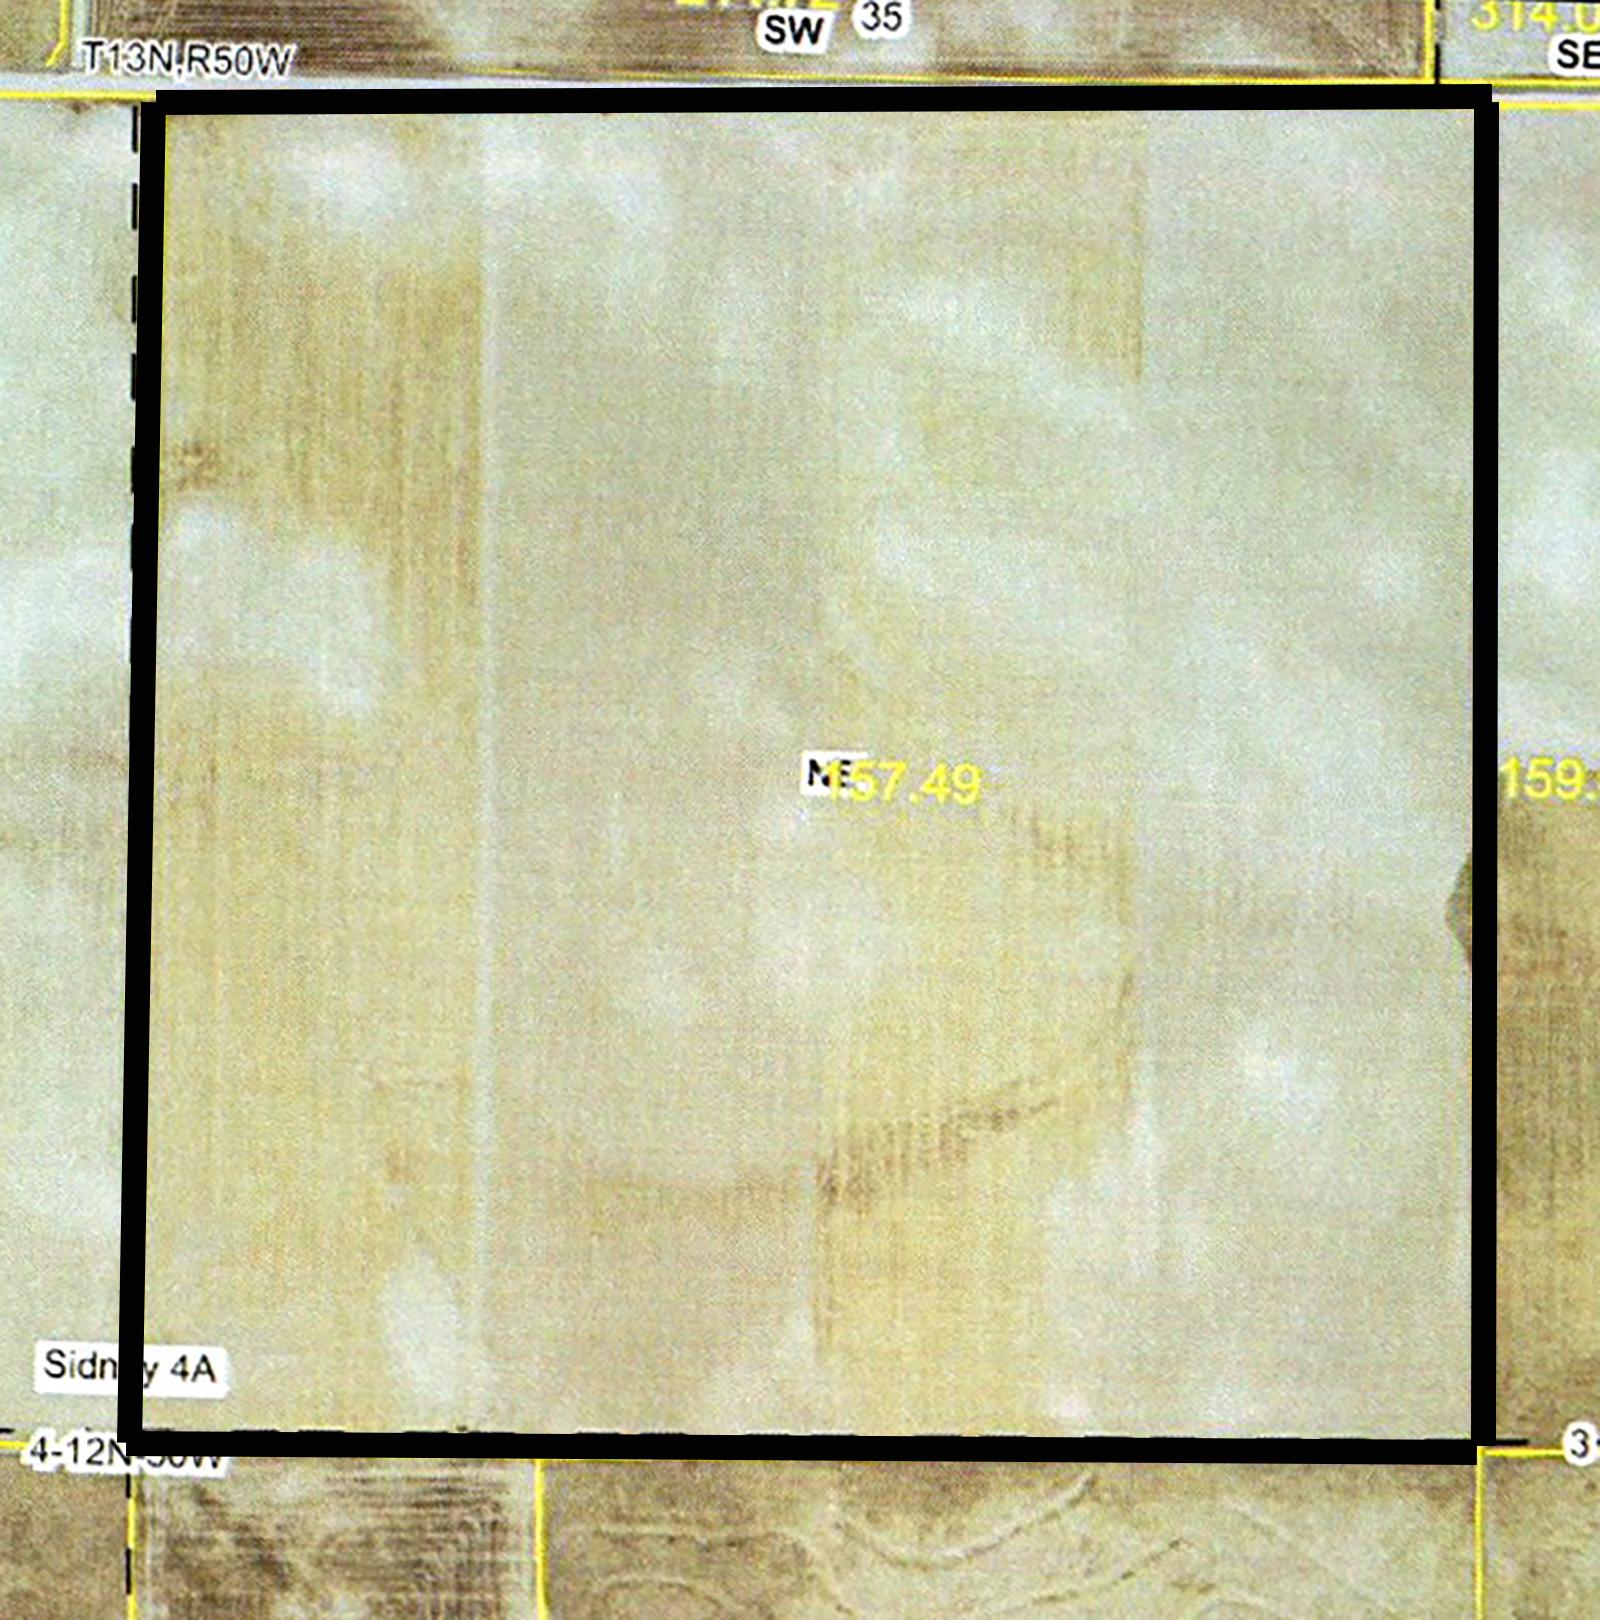 C-1 Aerial Map